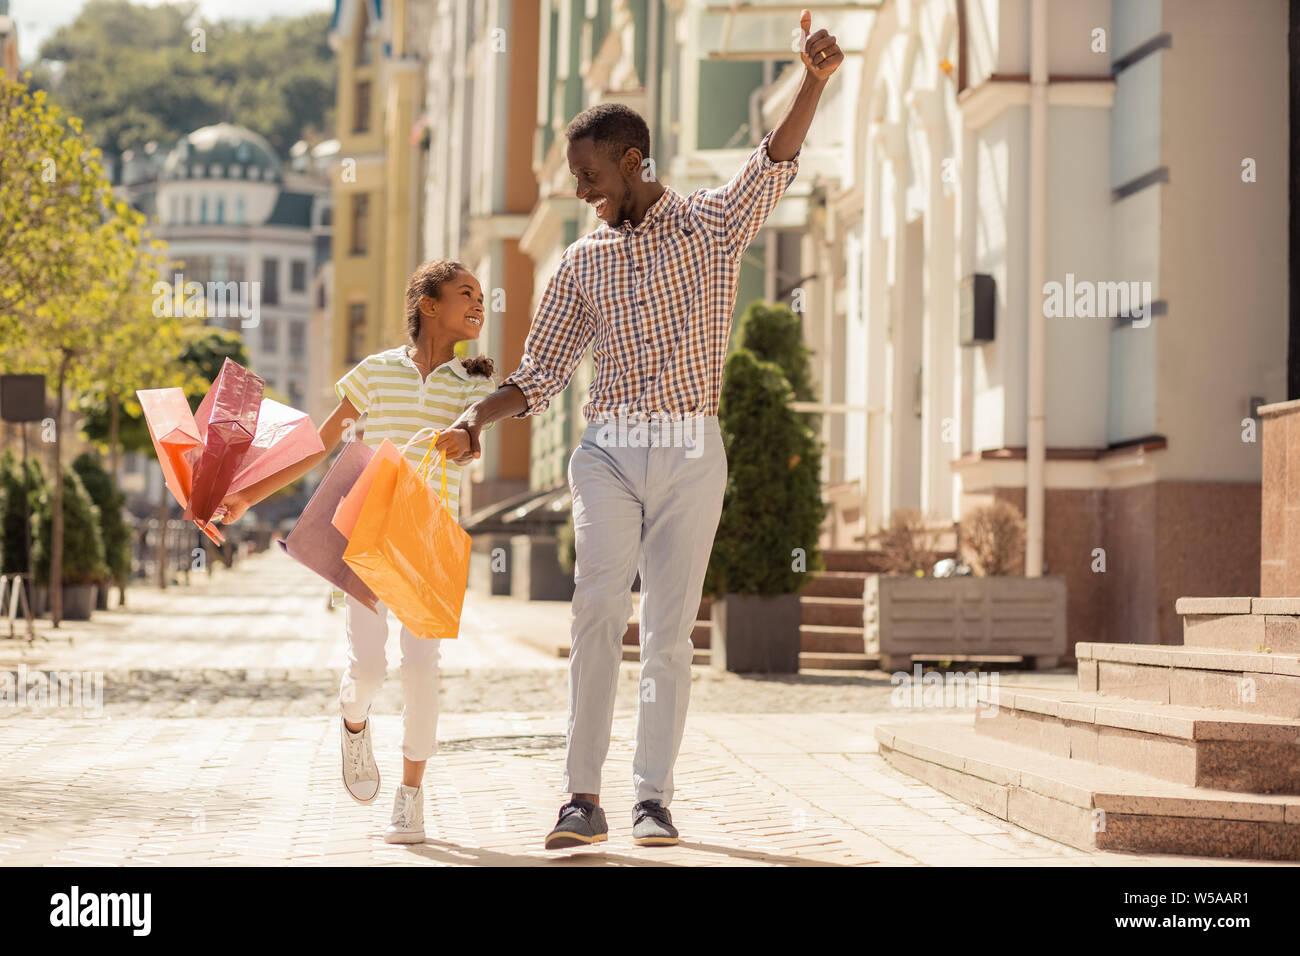 Heureux l'homme à la peau sombre balade avec sa fille Banque D'Images